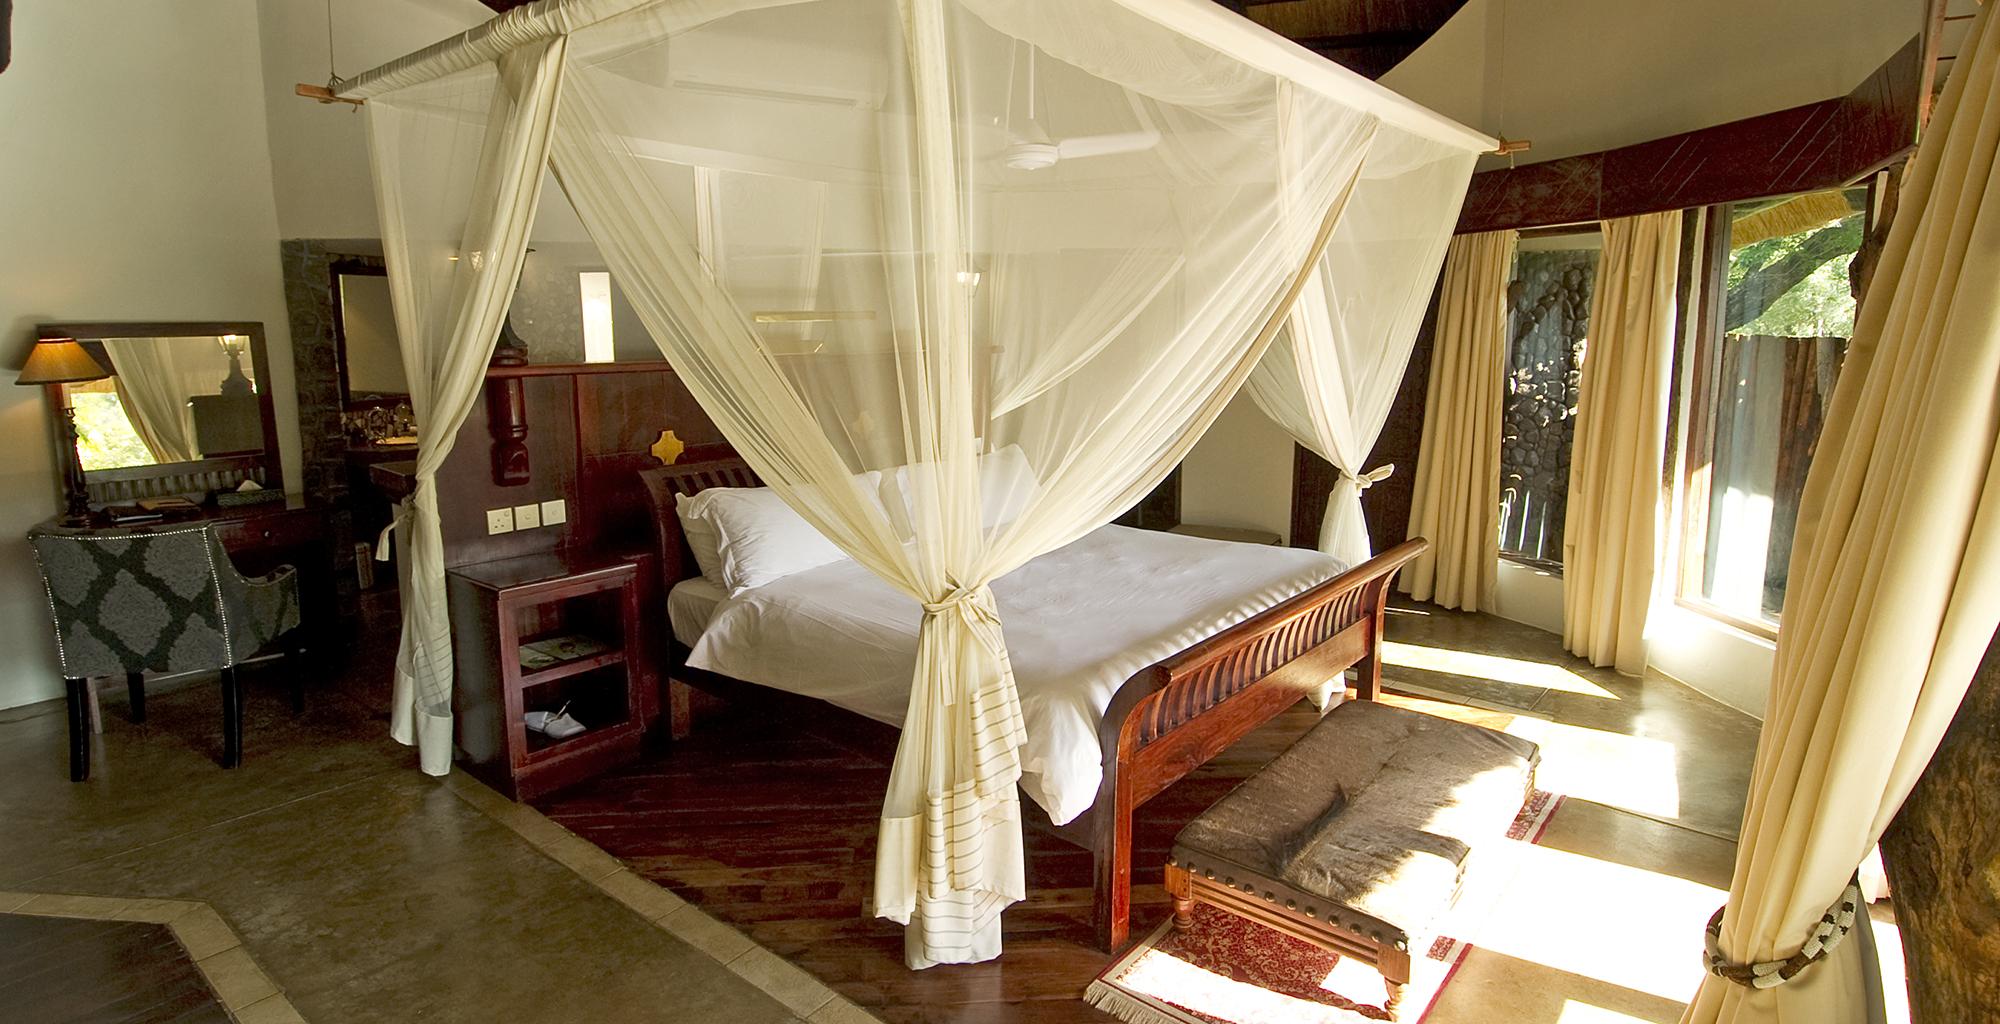 Zambia-Sussi-Chuma-Bedroom-Interior